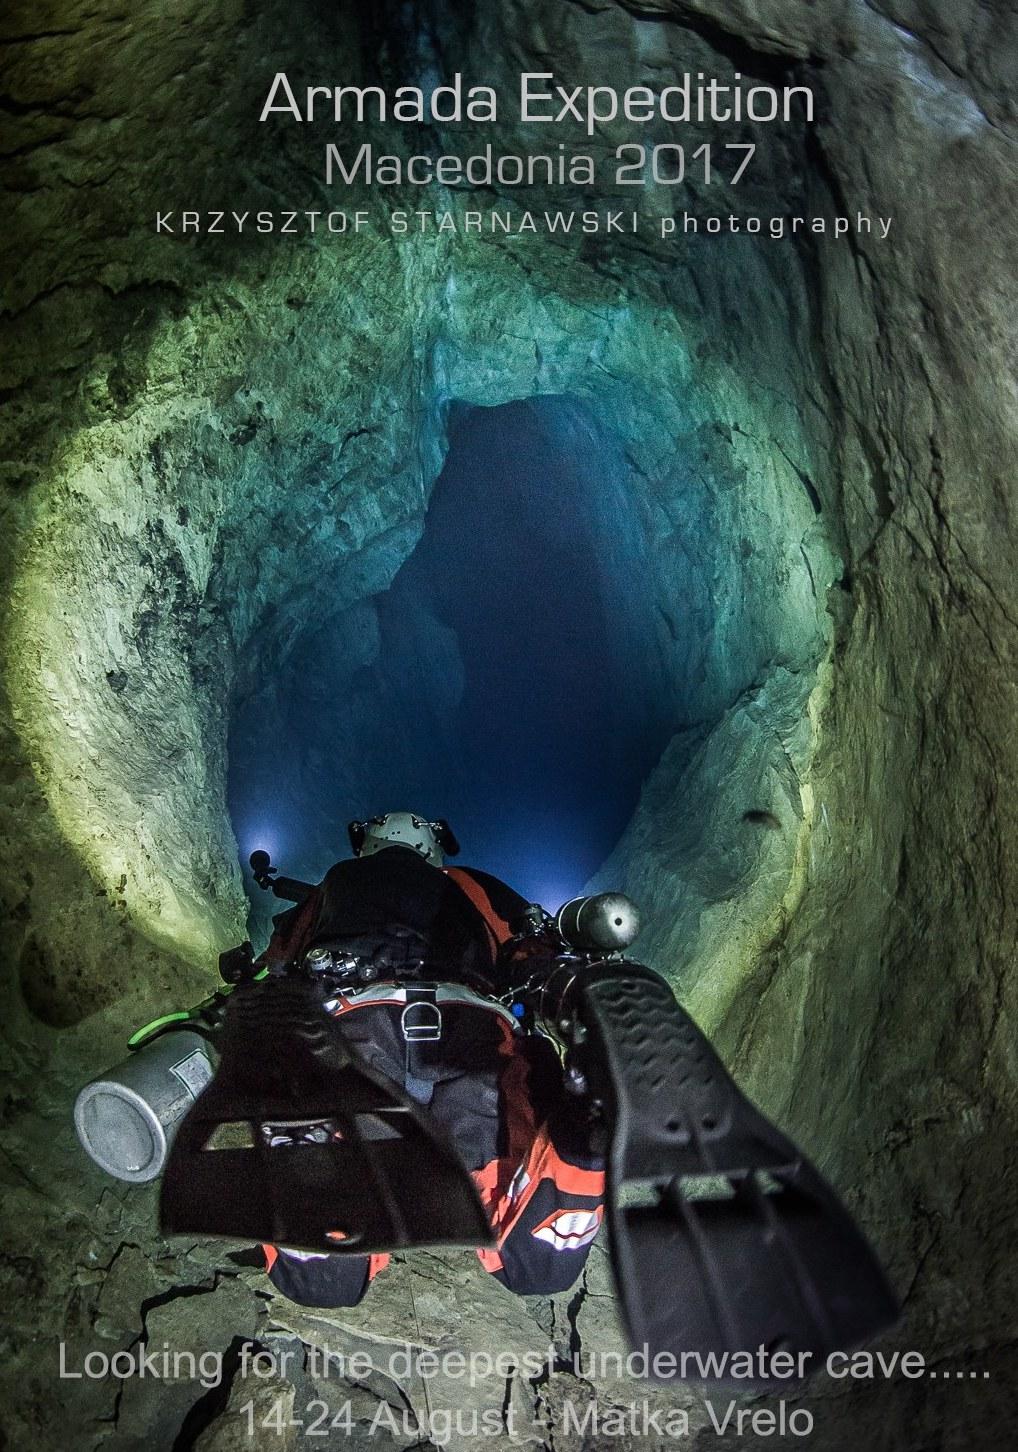 Старнавски нурна до рекордни 240 метри во пештерата Врело на Матка